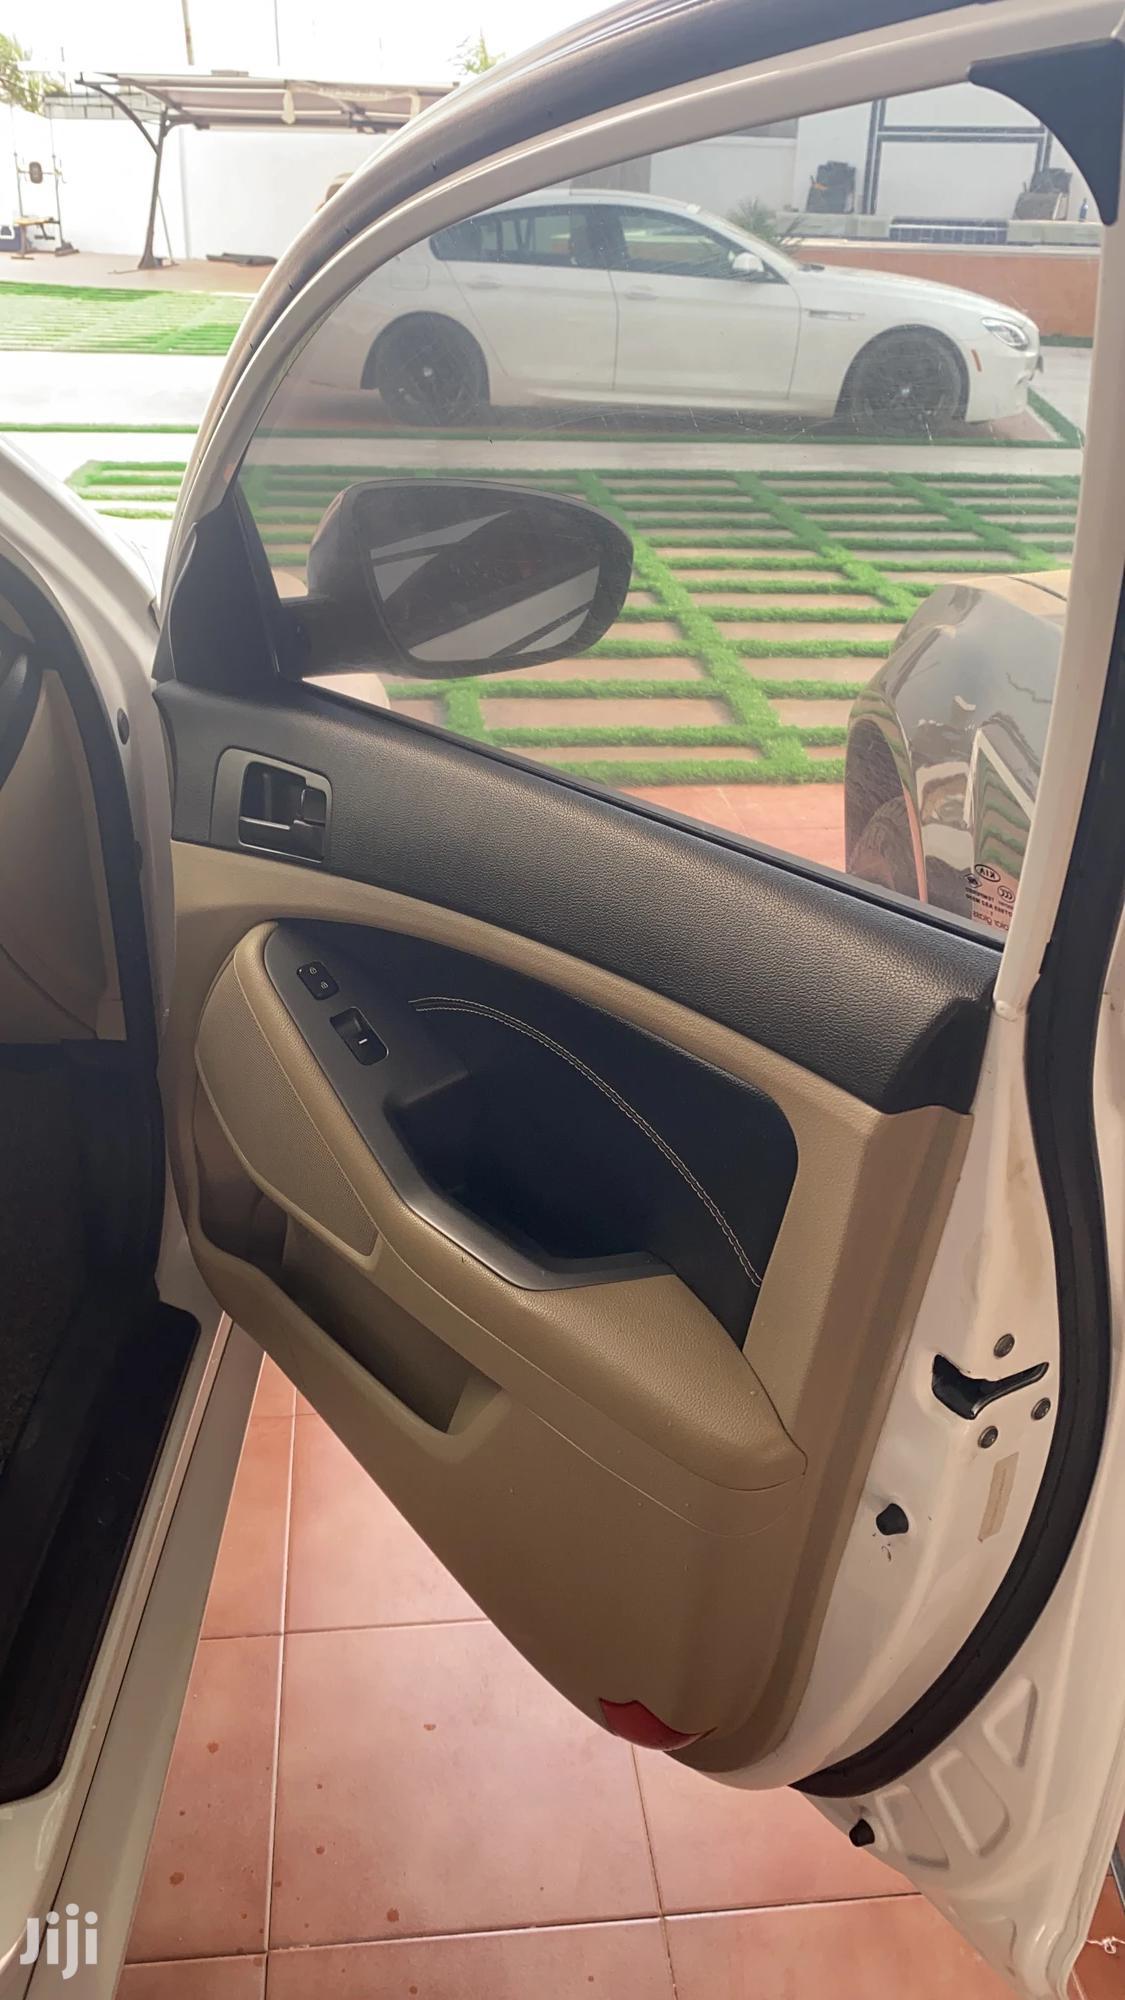 Kia Optima 2012 White   Cars for sale in Dansoman, Greater Accra, Ghana